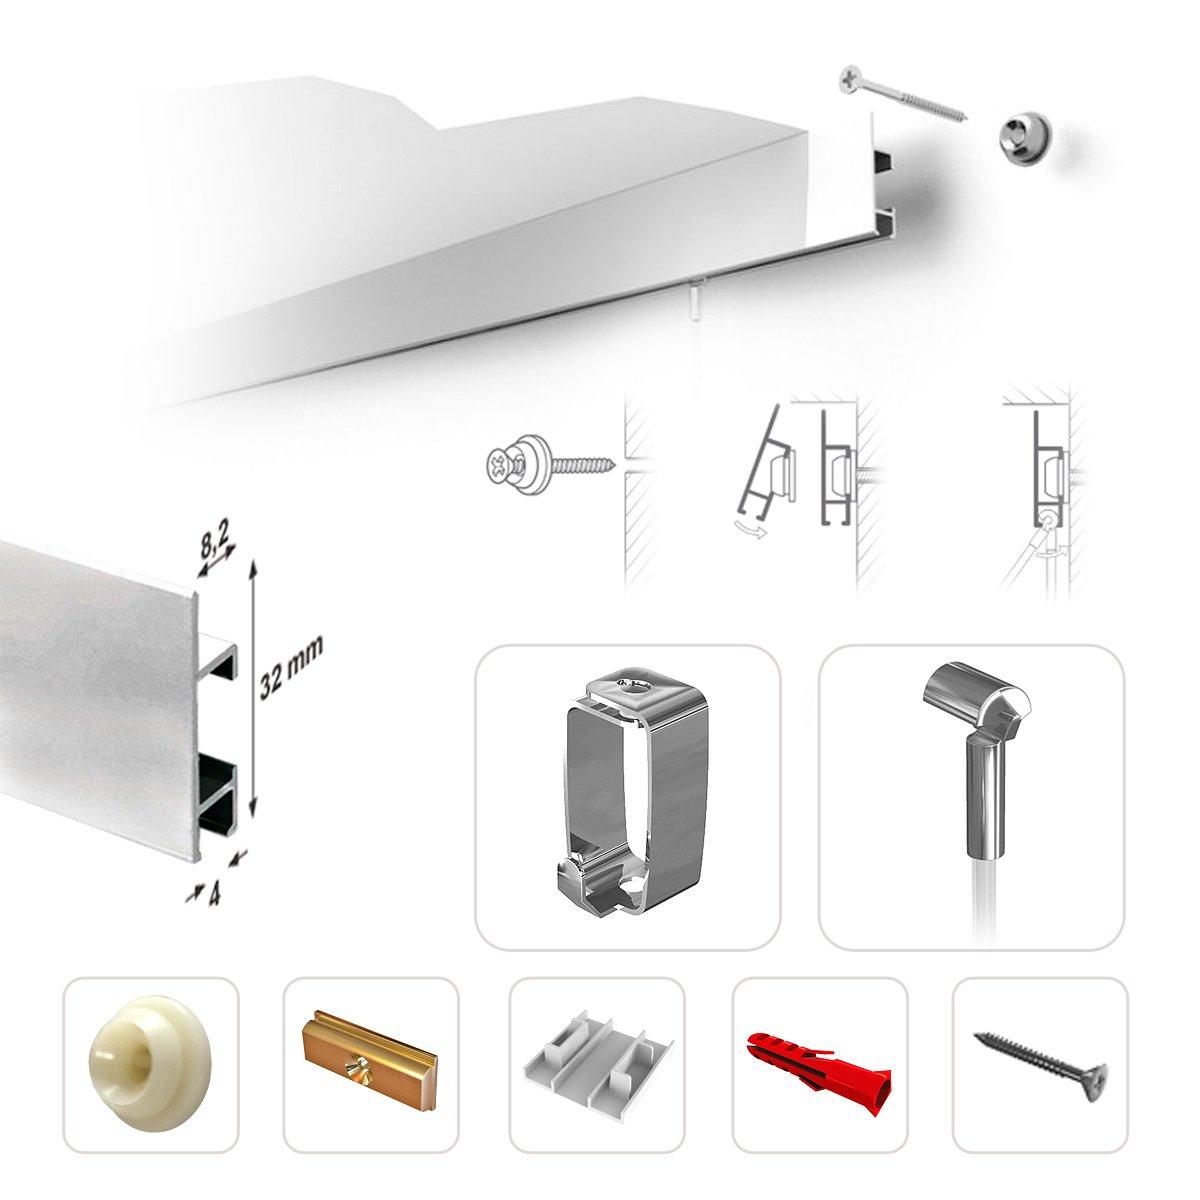 STAS CLIPRAIL MAX – Juego de listones para colgar cuadros capacidad con capacidad cuadros de carga garantizada – listo para montar con todos los accesorios, aluminio, silber (alu), 435 cm (3 Schienen) 6ac90c